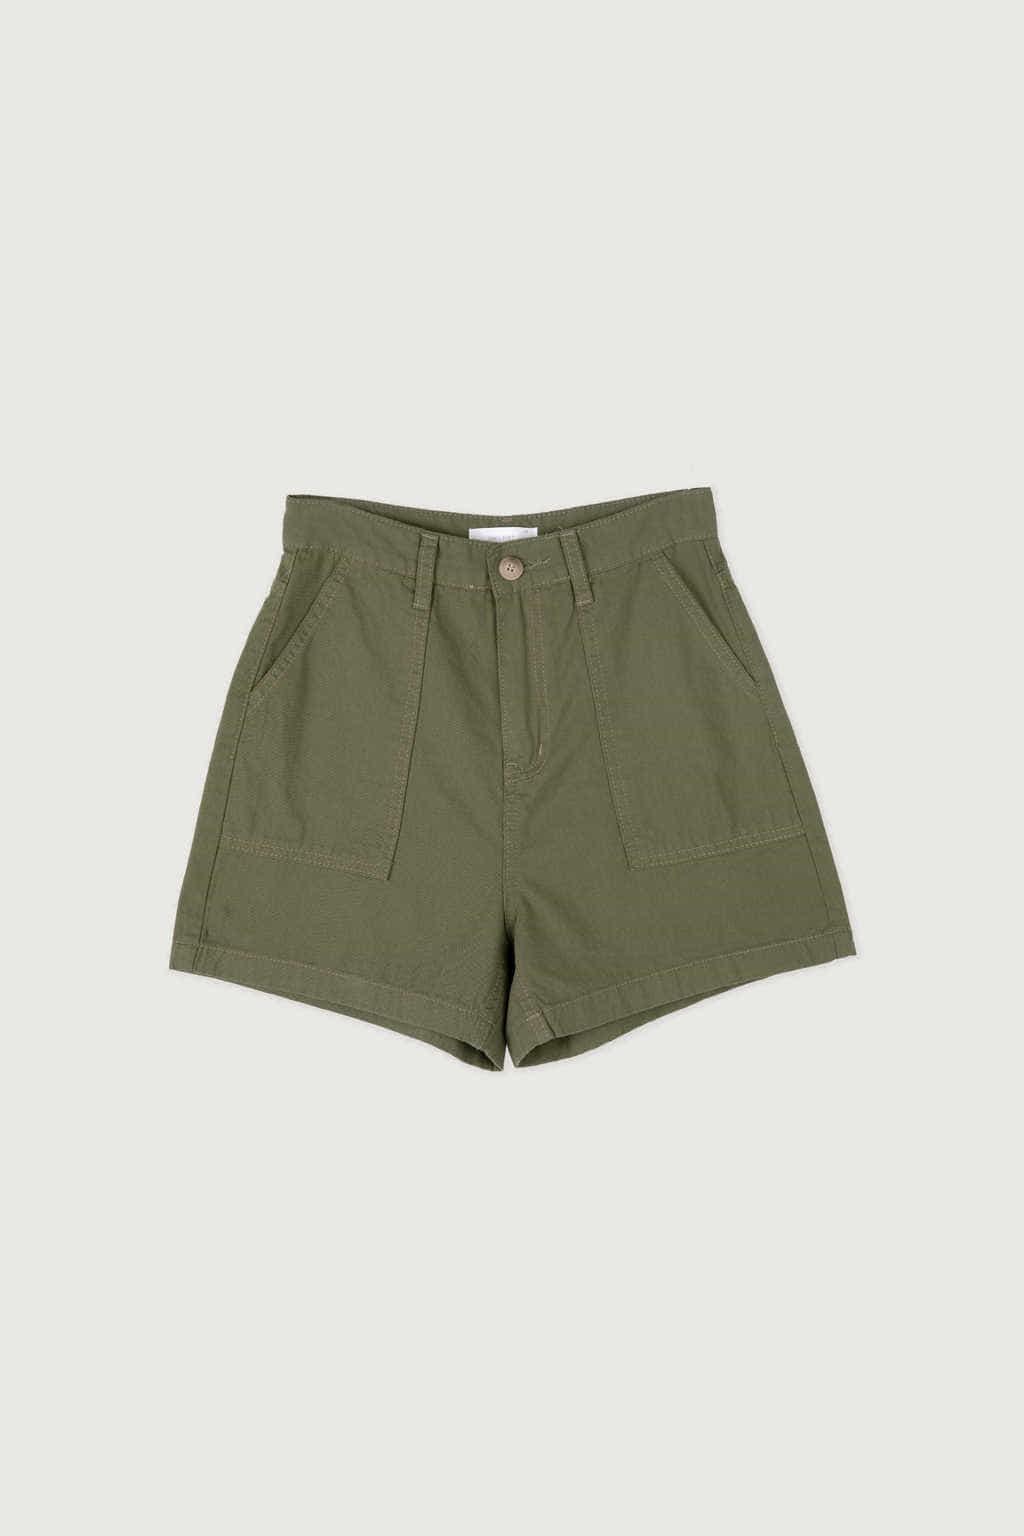 Short K002 Olive 7